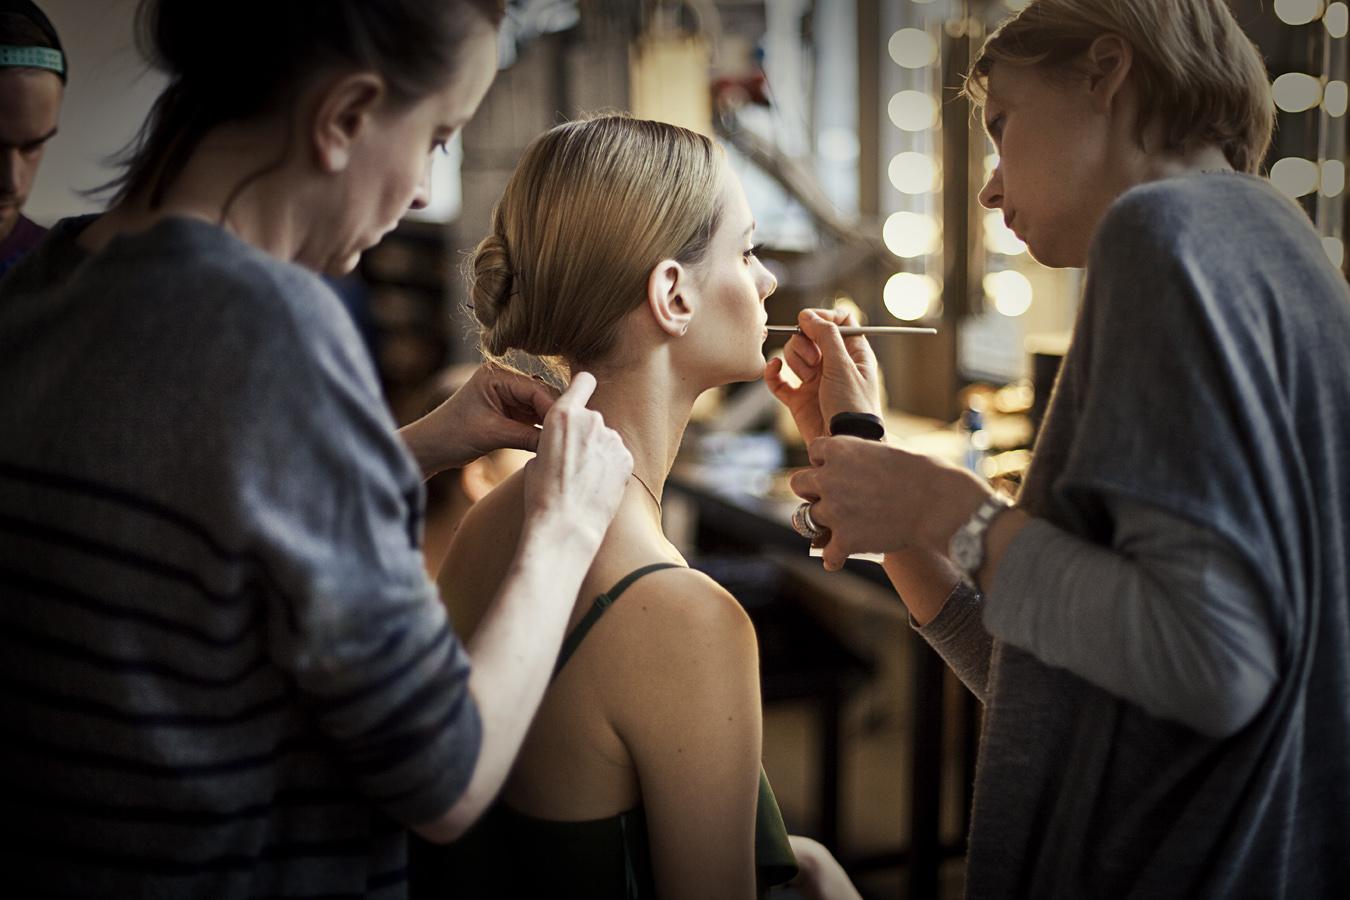 Ania Poniewierska, stylistka, Kasia Jastrzębska - modelka z Model PLus i Sylwia Rakowska, makijażystka/VAN DORSEN TALENTS  fot. Agnieszka Taukert/Backbone dla Do You Know Fashion